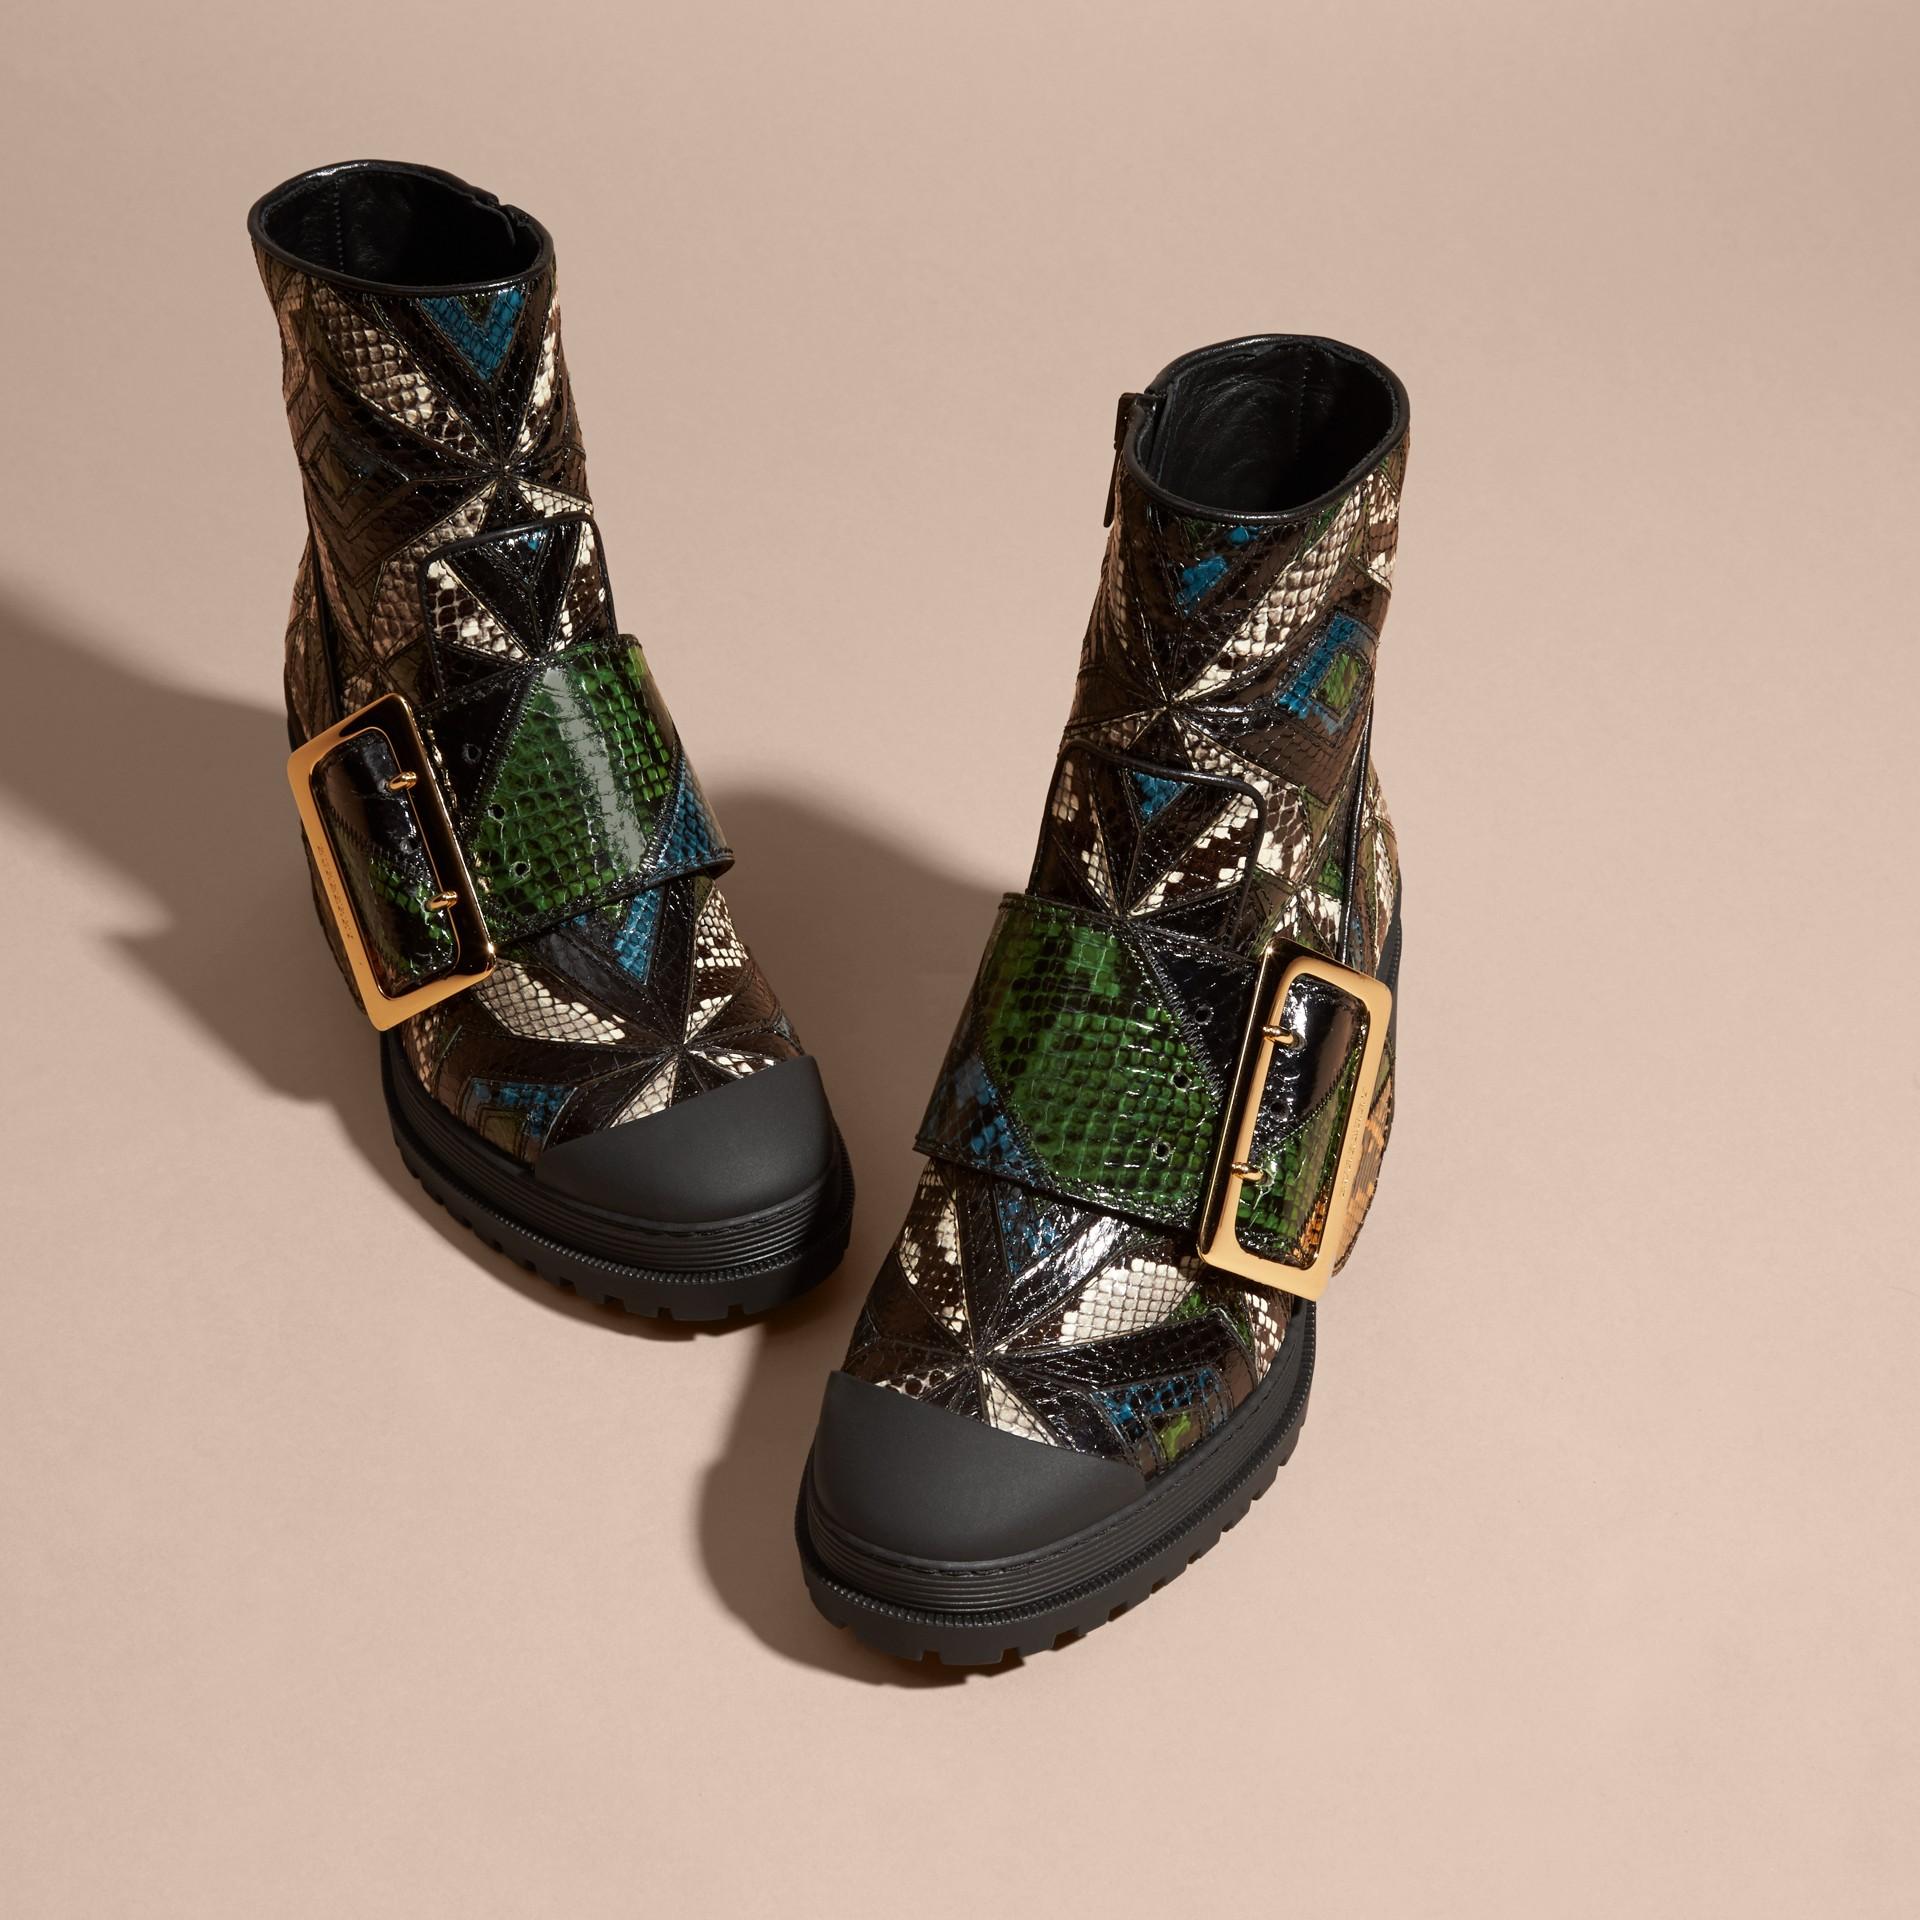 Schwarz/mineralblau The Buckle Boot aus Natternleder - Galerie-Bild 3